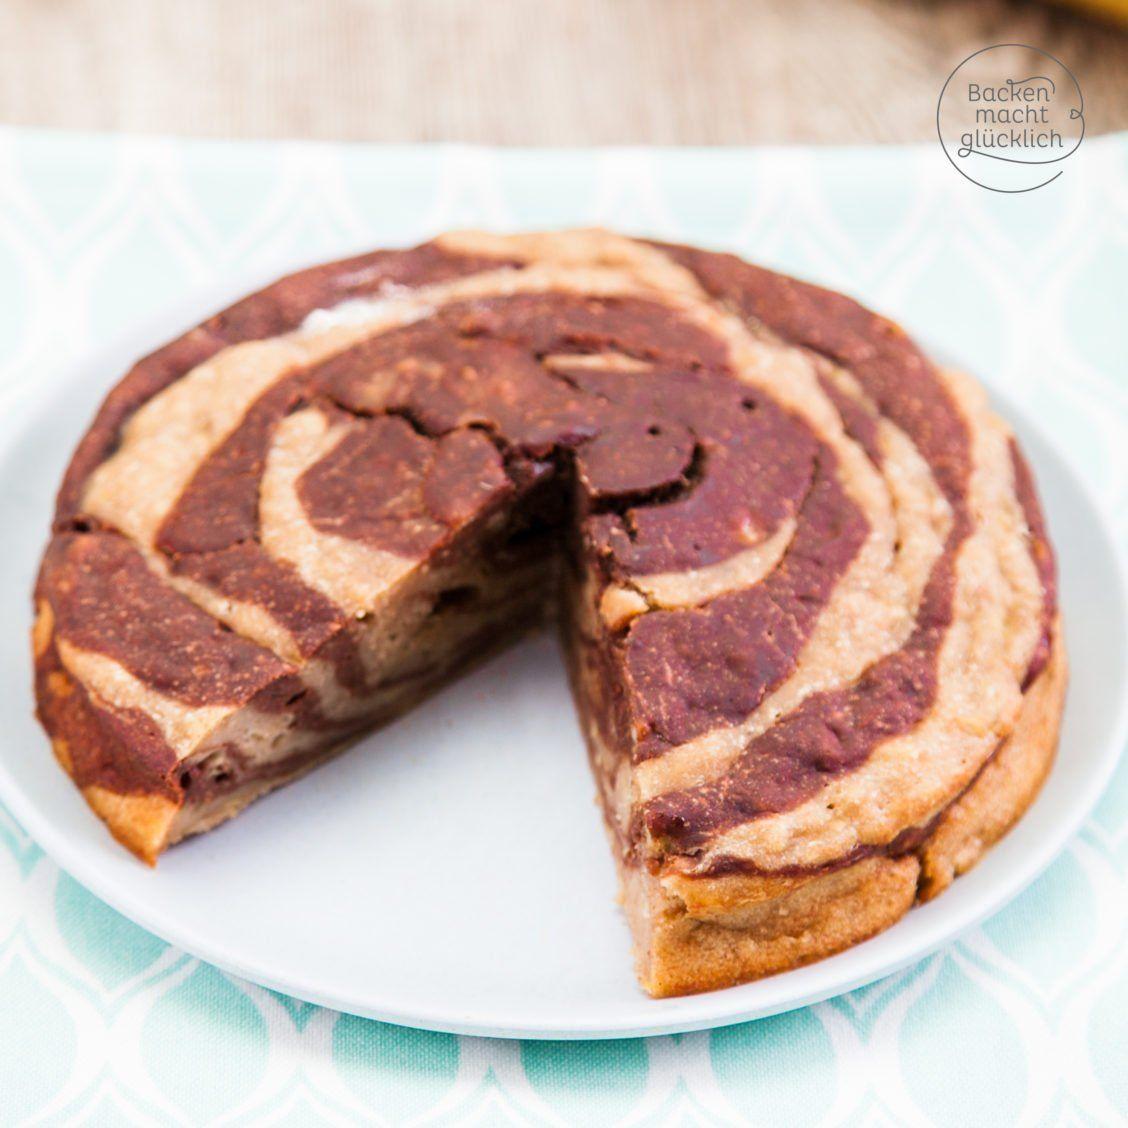 Gesunder Bananenkuchen Ohne Zucker Rezept Bananen Kuchen Bananenkuchen Ohne Zucker Bananenkuchen